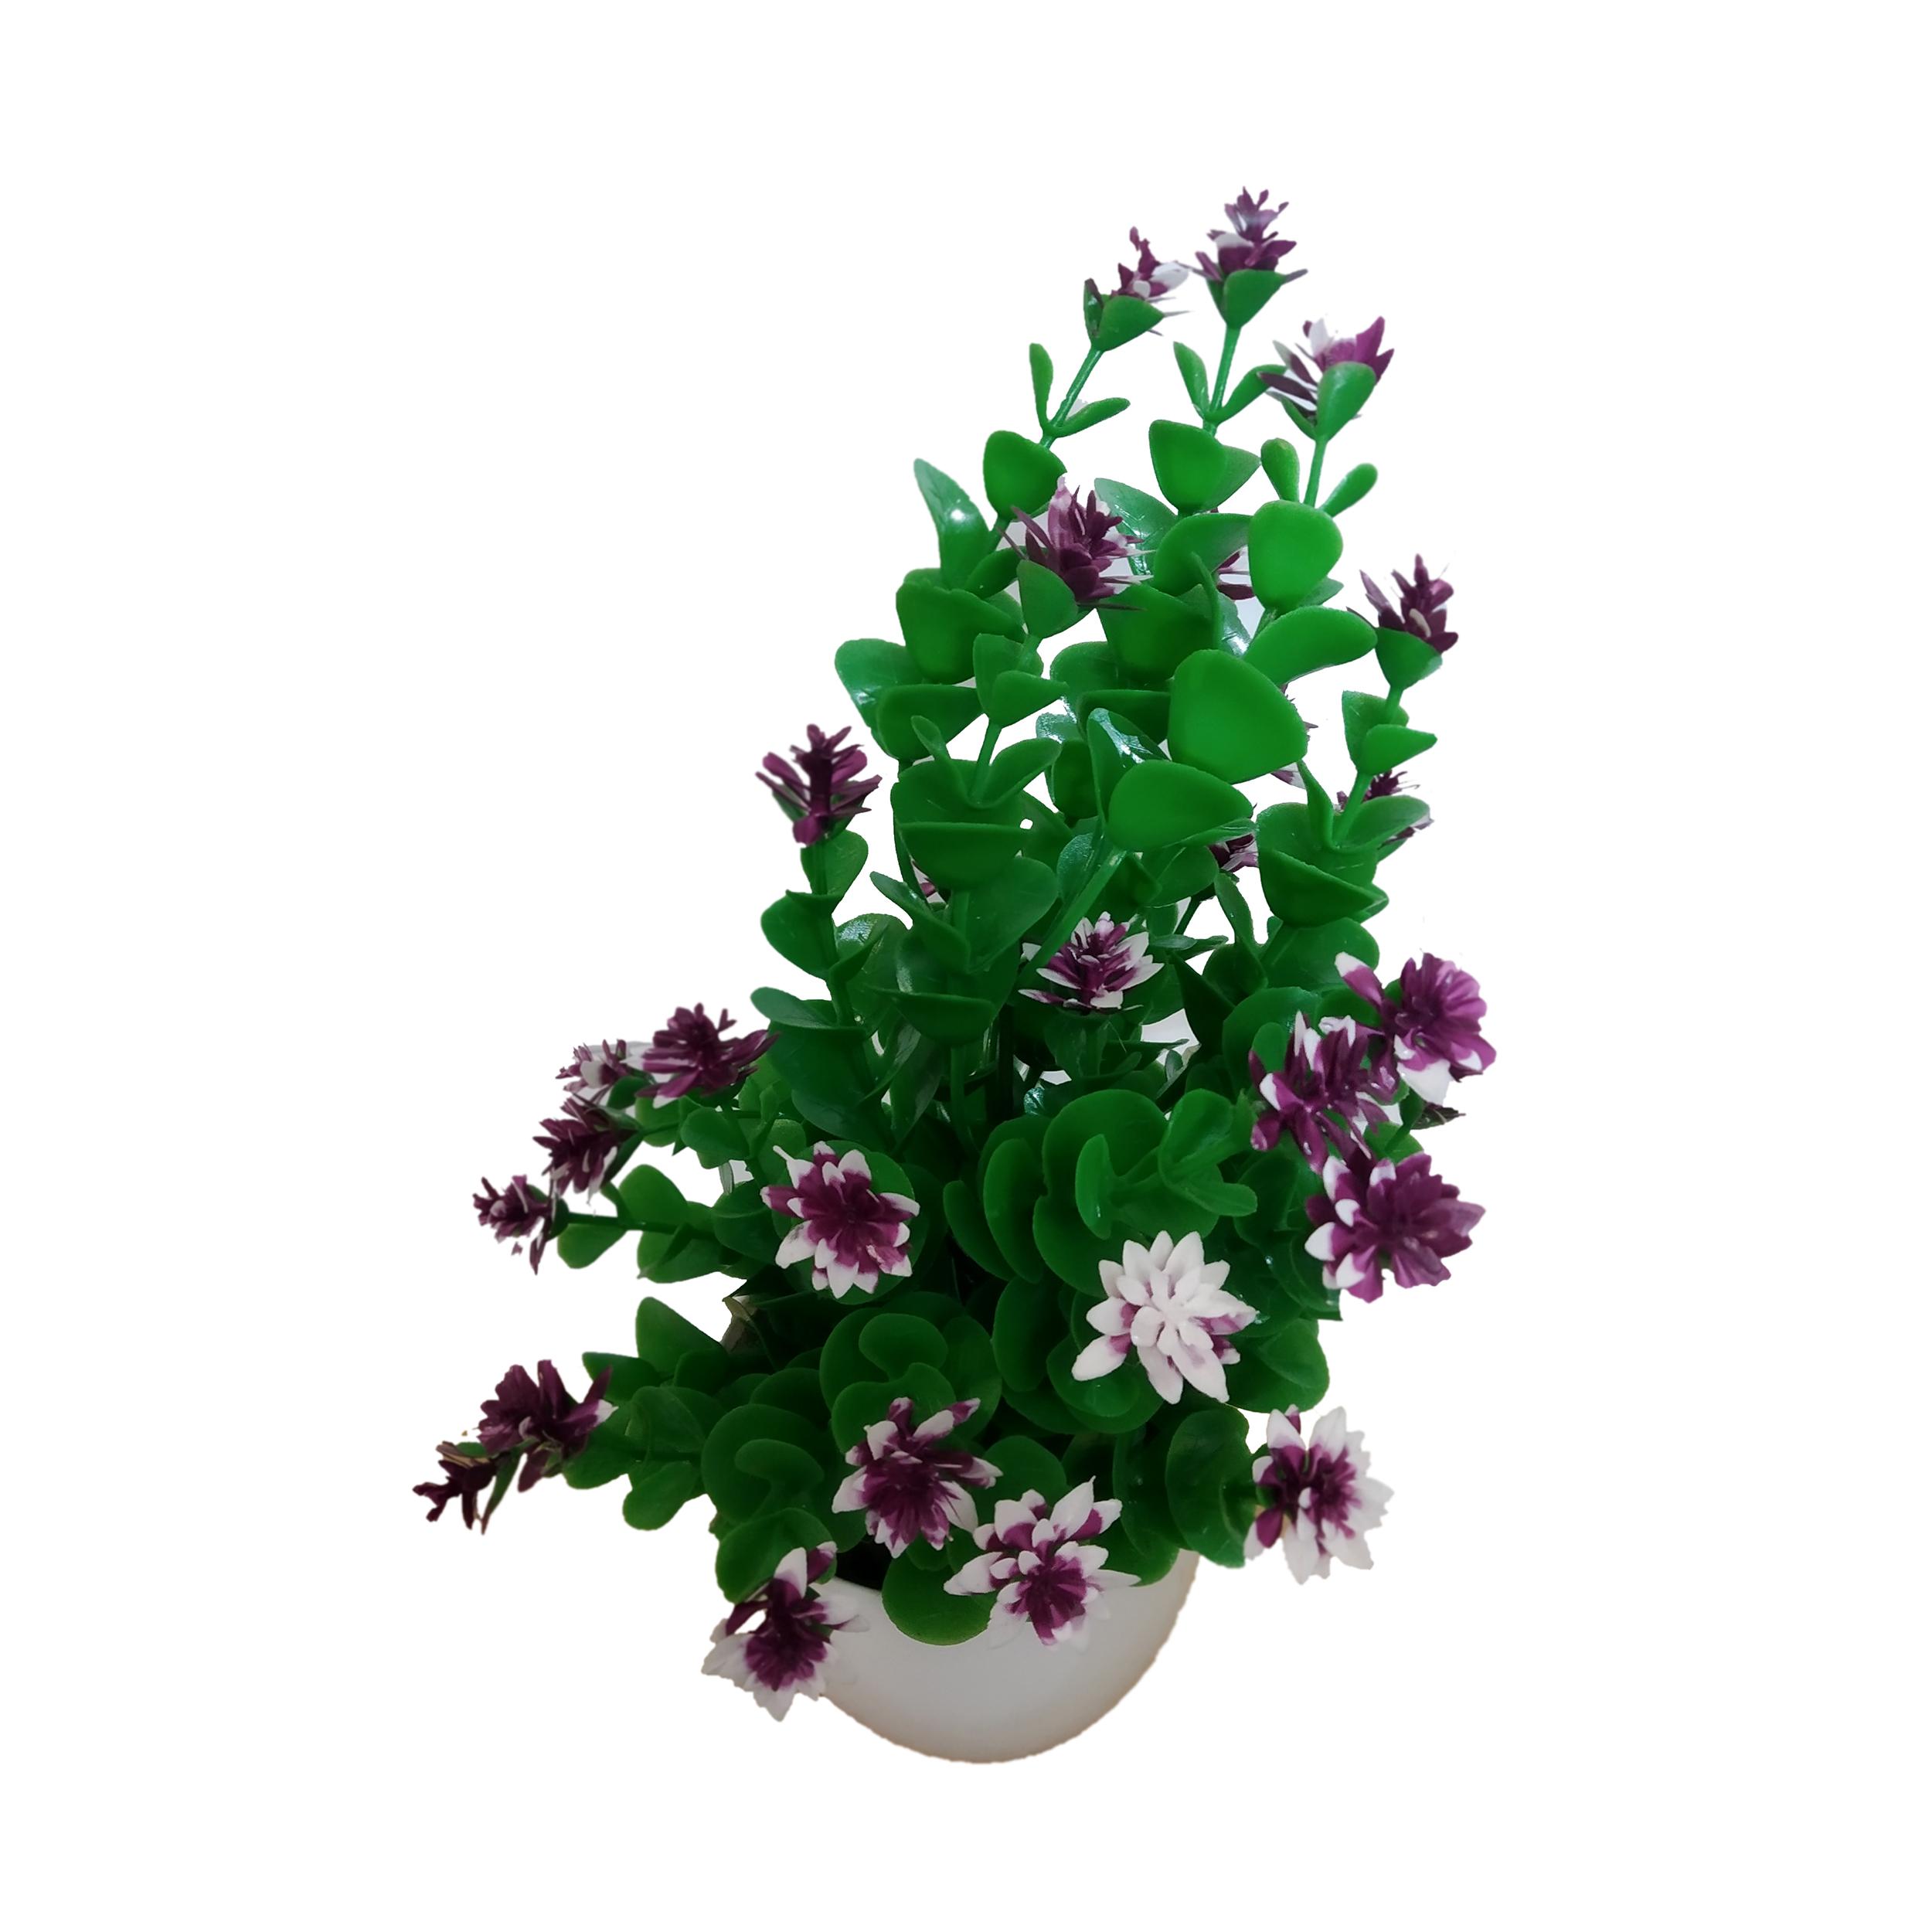 گلدان به همراه گل مصنوعی کد SB78